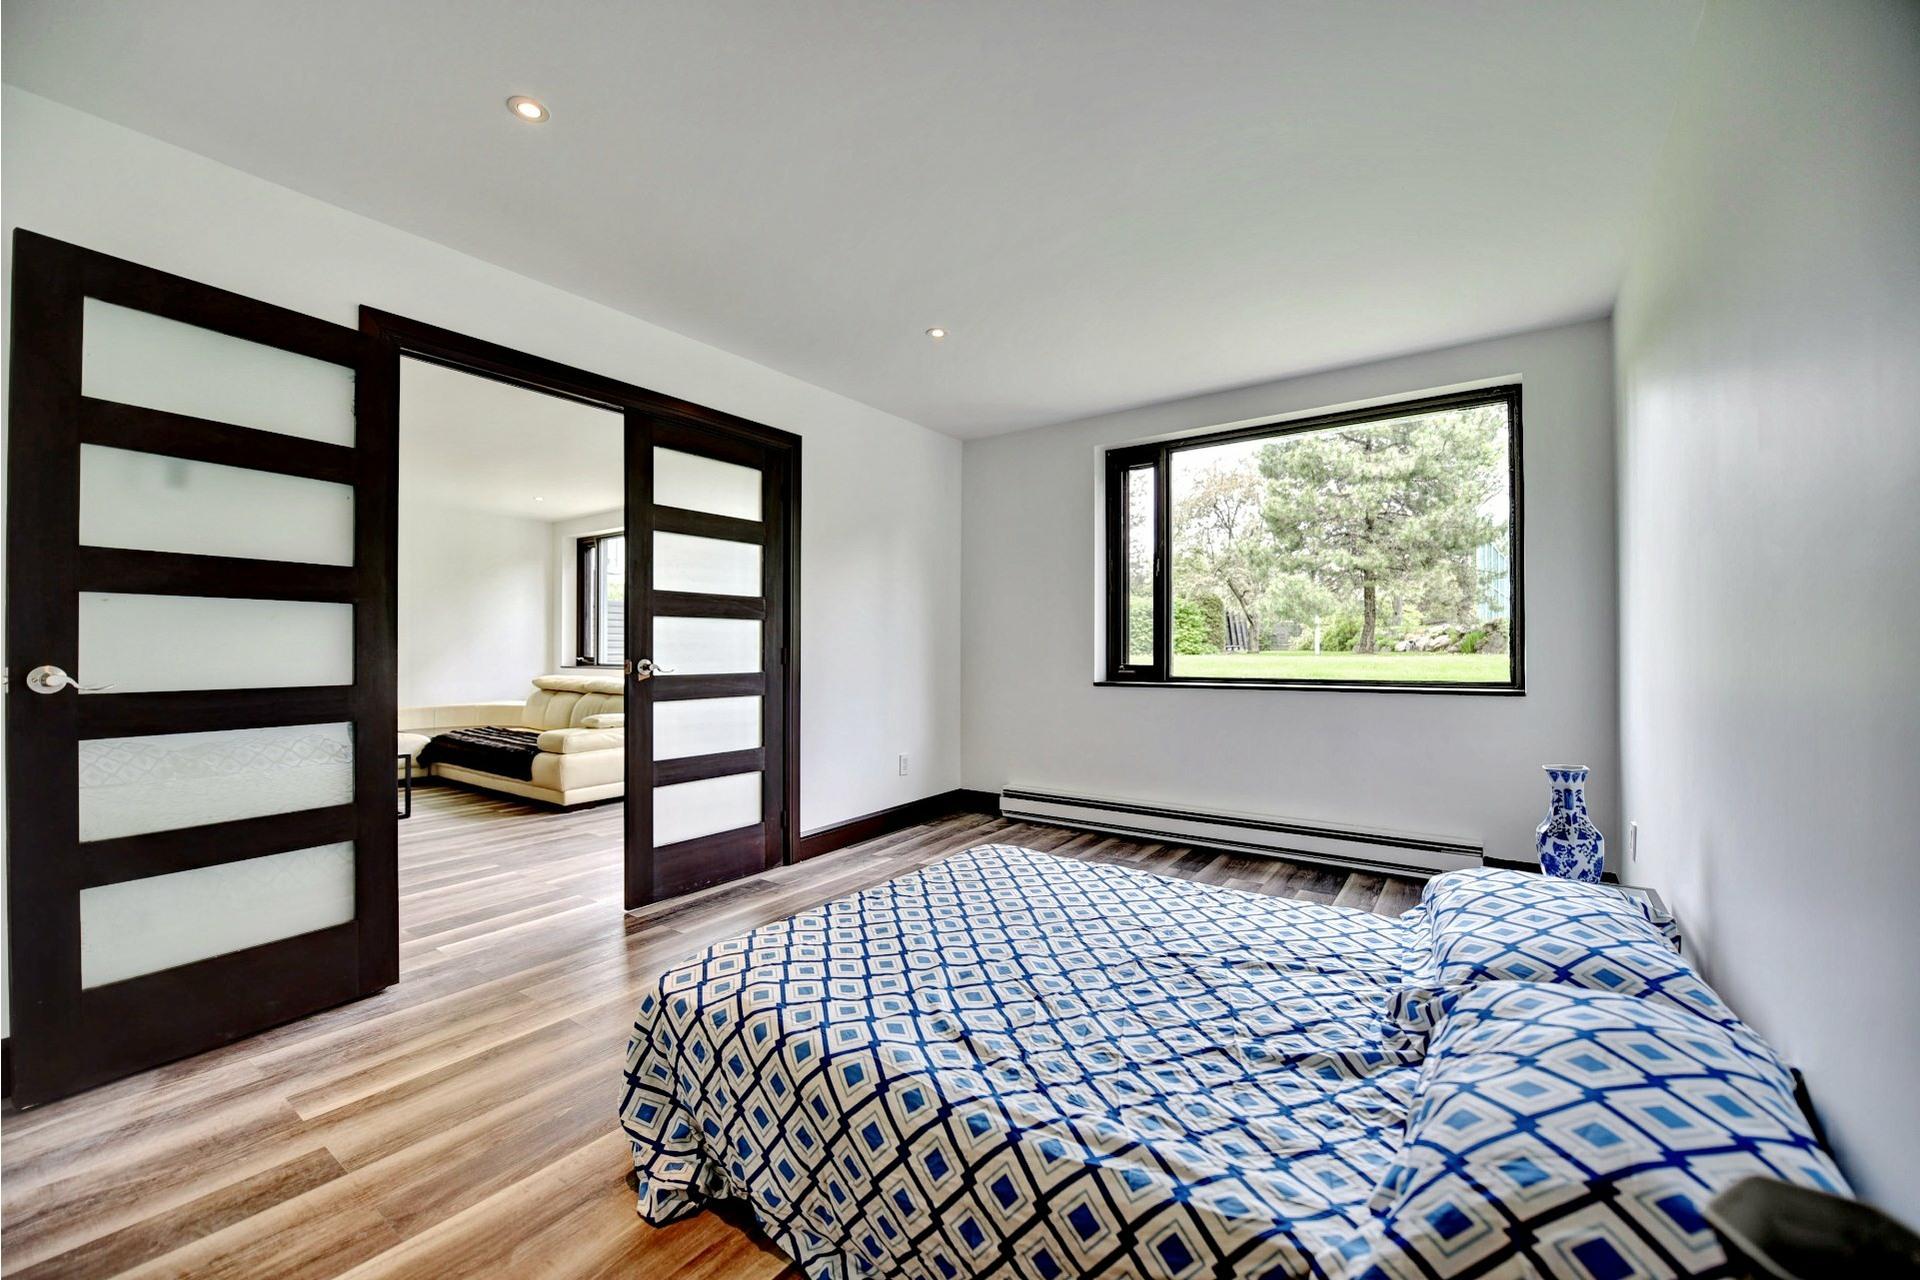 image 15 - Appartement À vendre Montréal Verdun/Île-des-Soeurs  - 8 pièces